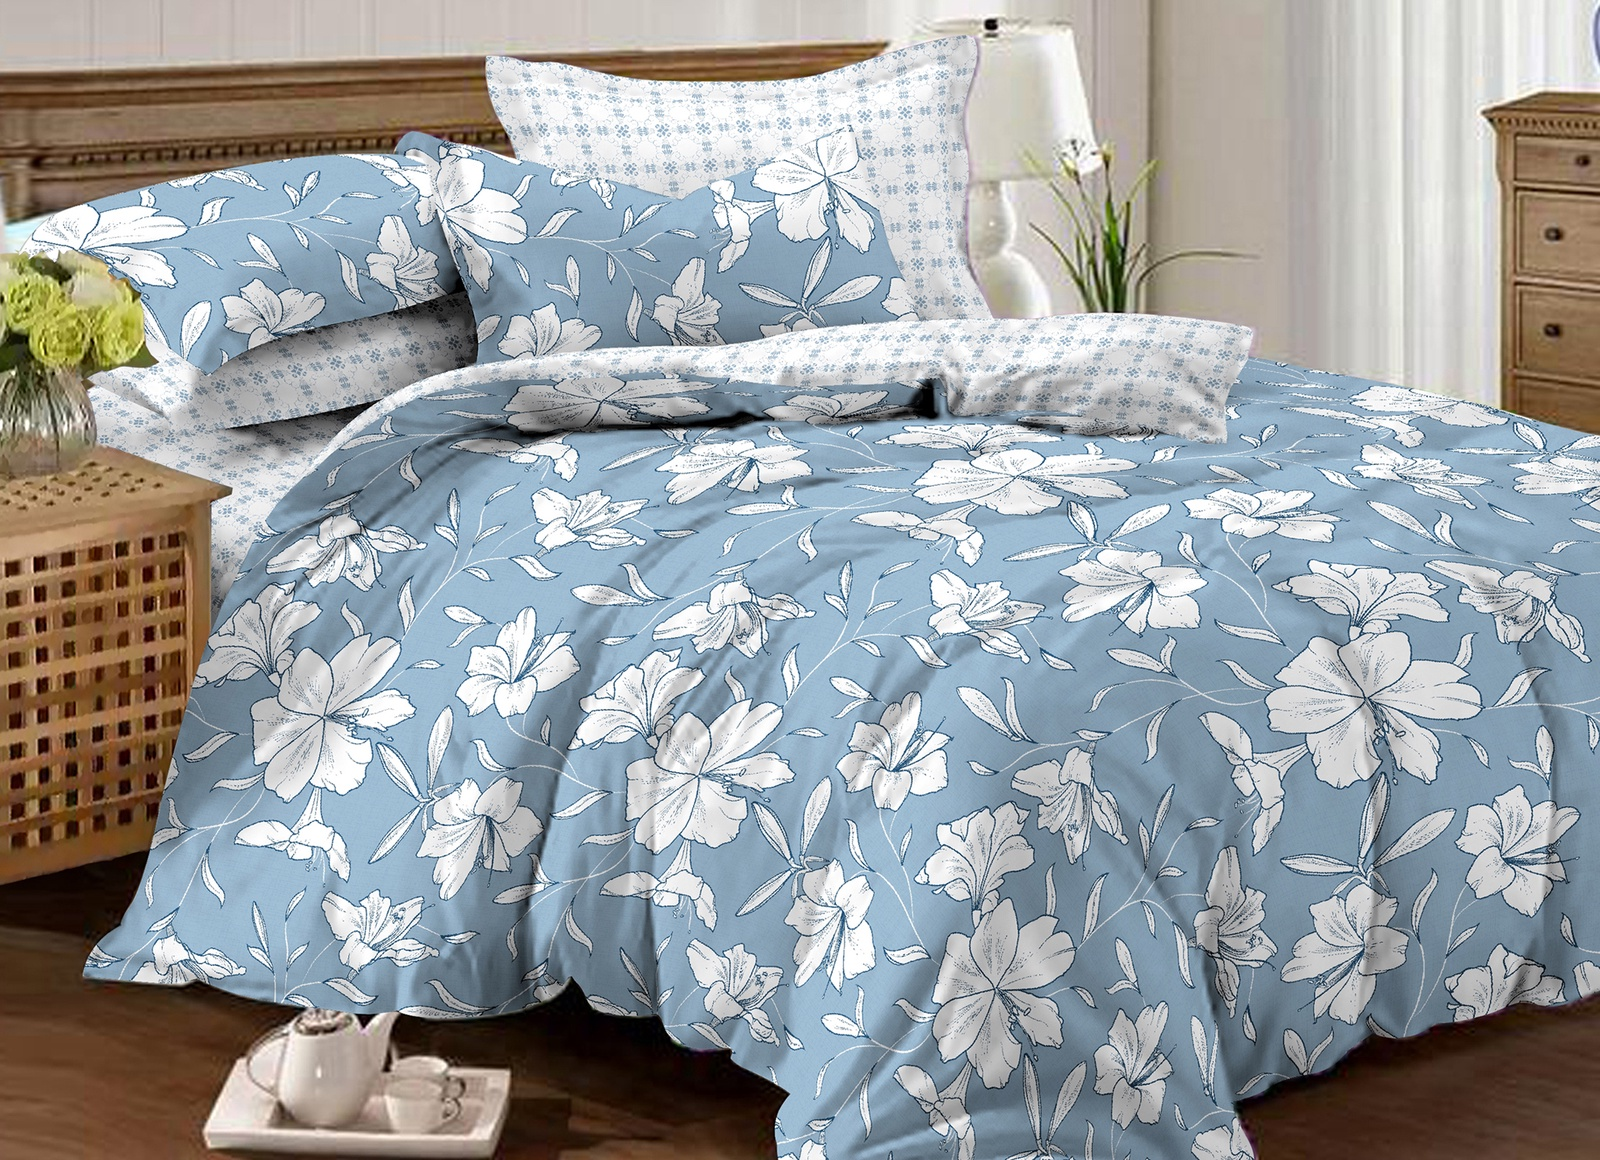 Ранфорс для постельного белья: что это за ткань? материал из хлопка и полиэстера, отзывы